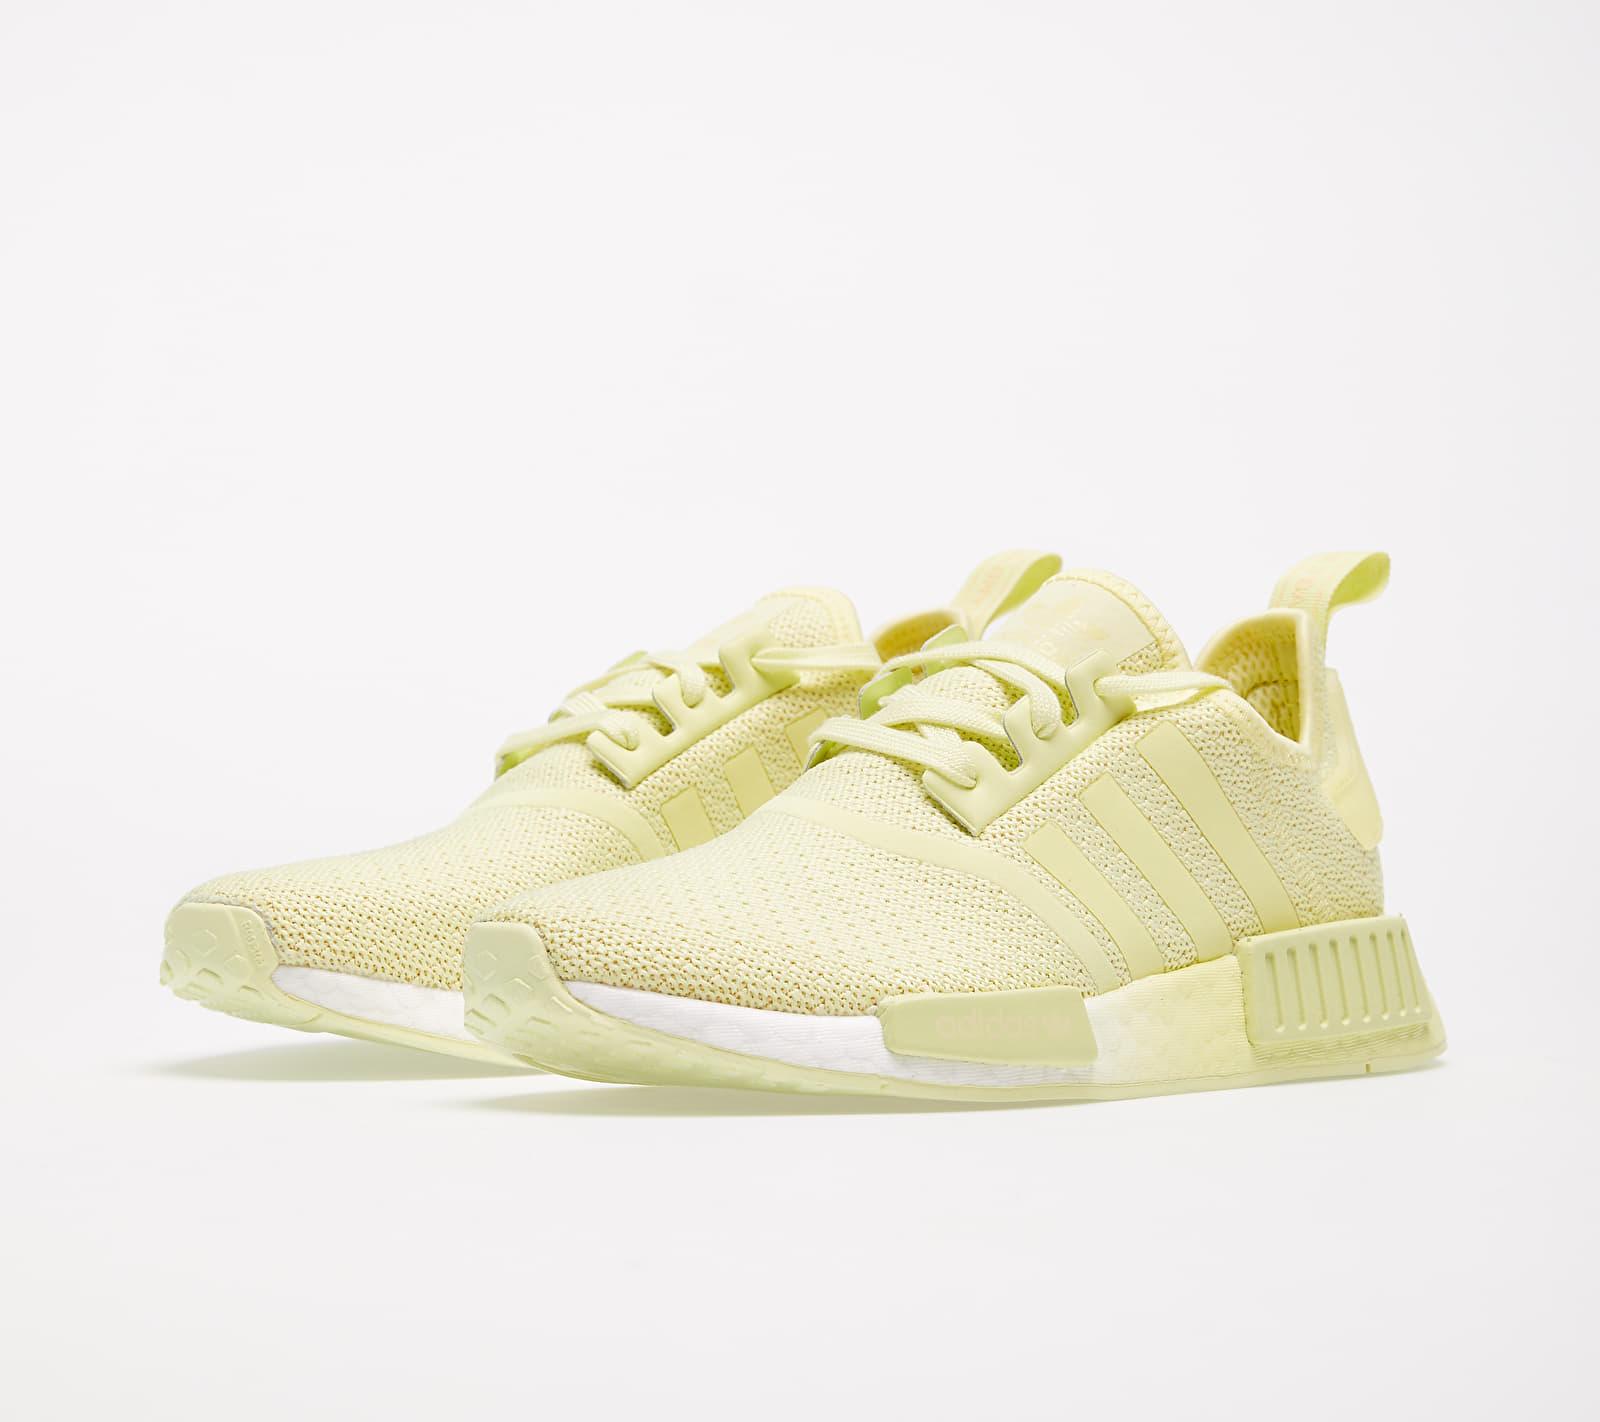 adidas NMD_R1 W Yellow Tint/ Yellow Tint/ Ftw White EUR 40